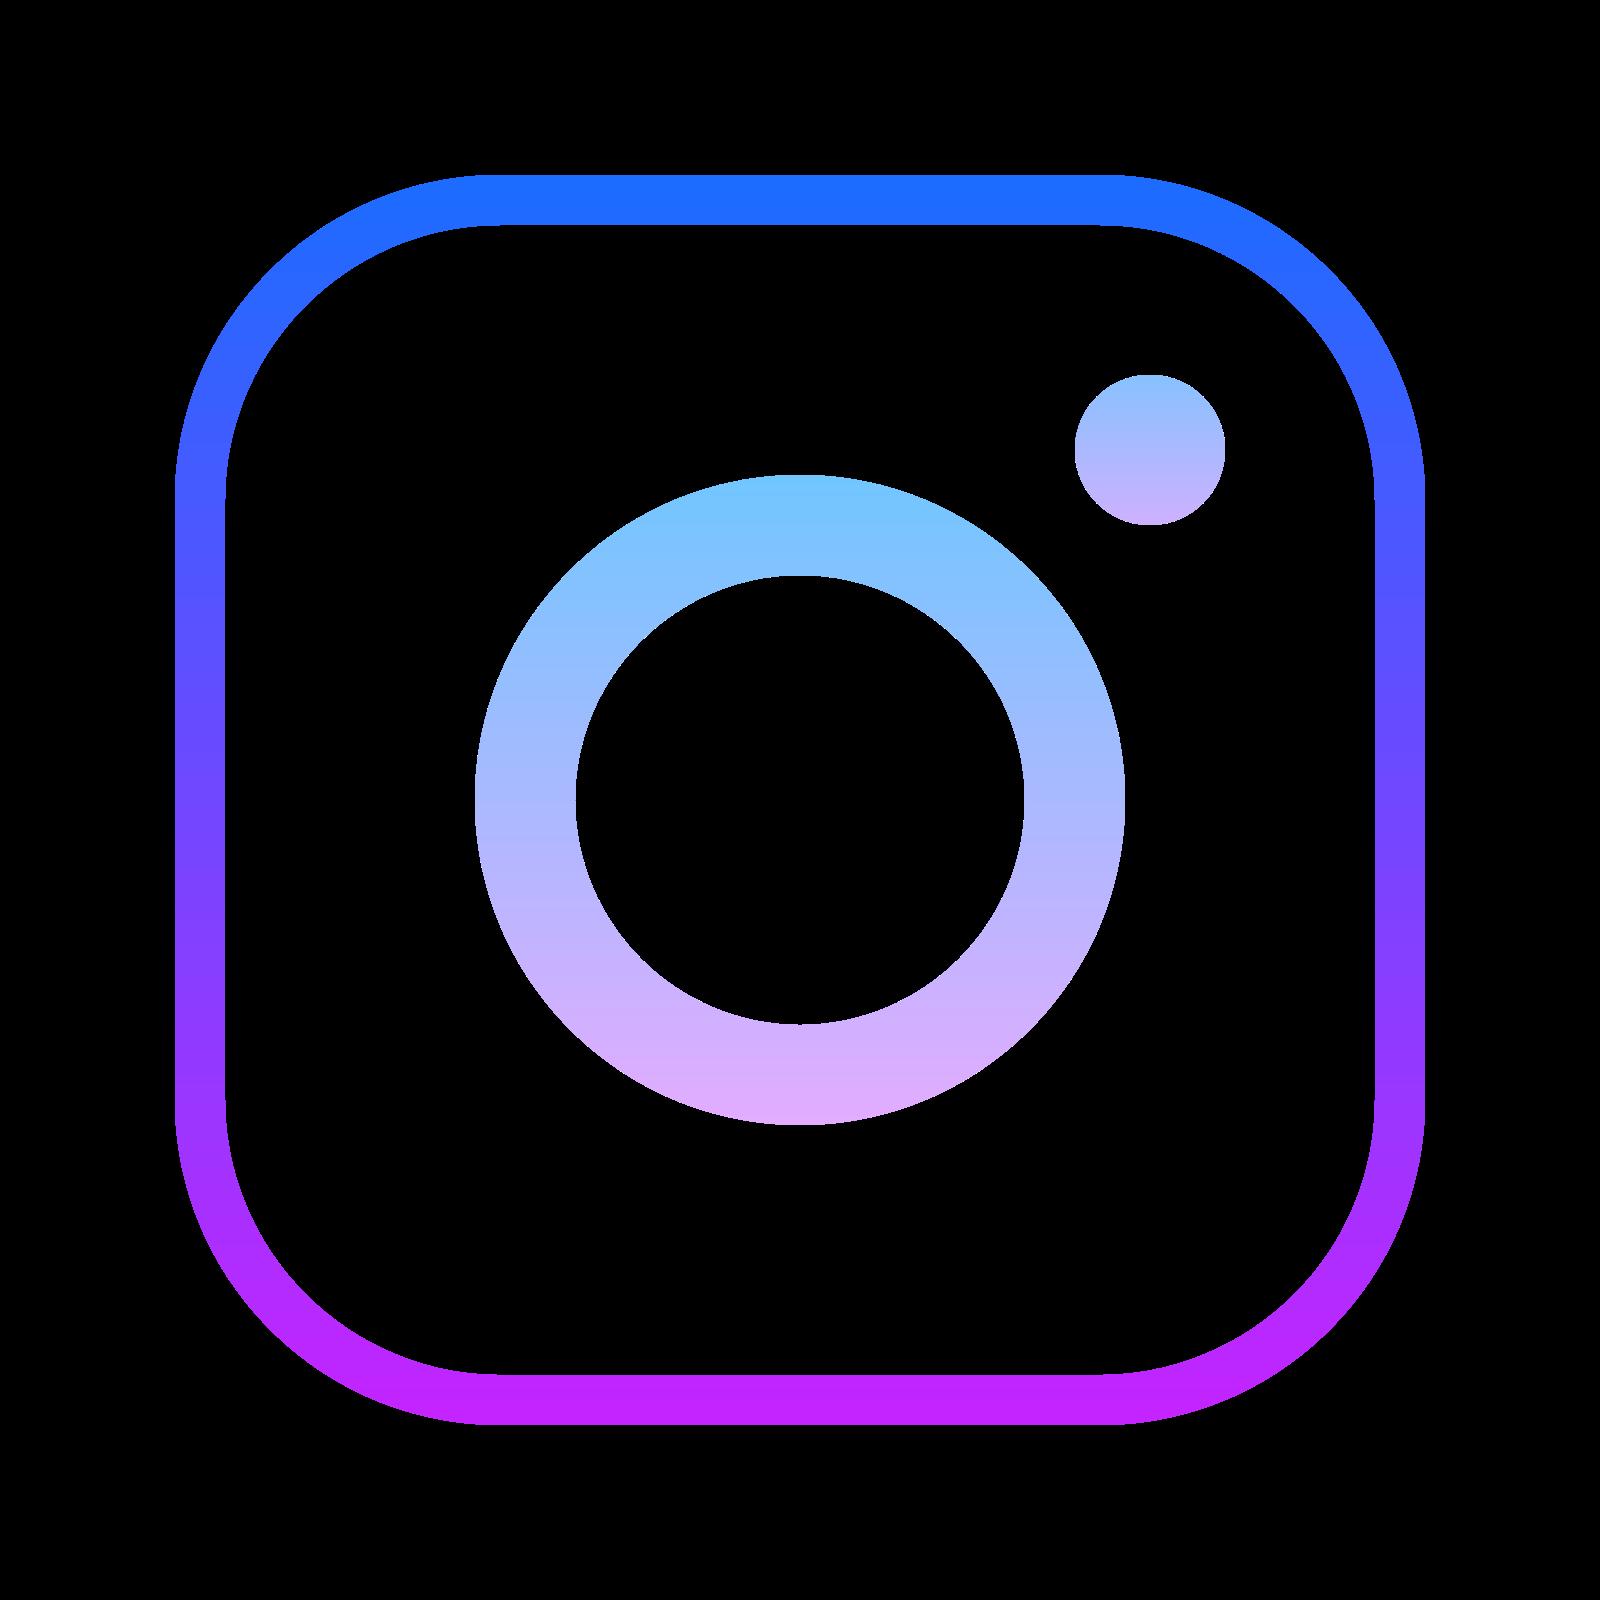 Imagens do instagram em clipart png black and white download Logo Instagram imagens PNG transparente, Download gratuito de ... png black and white download